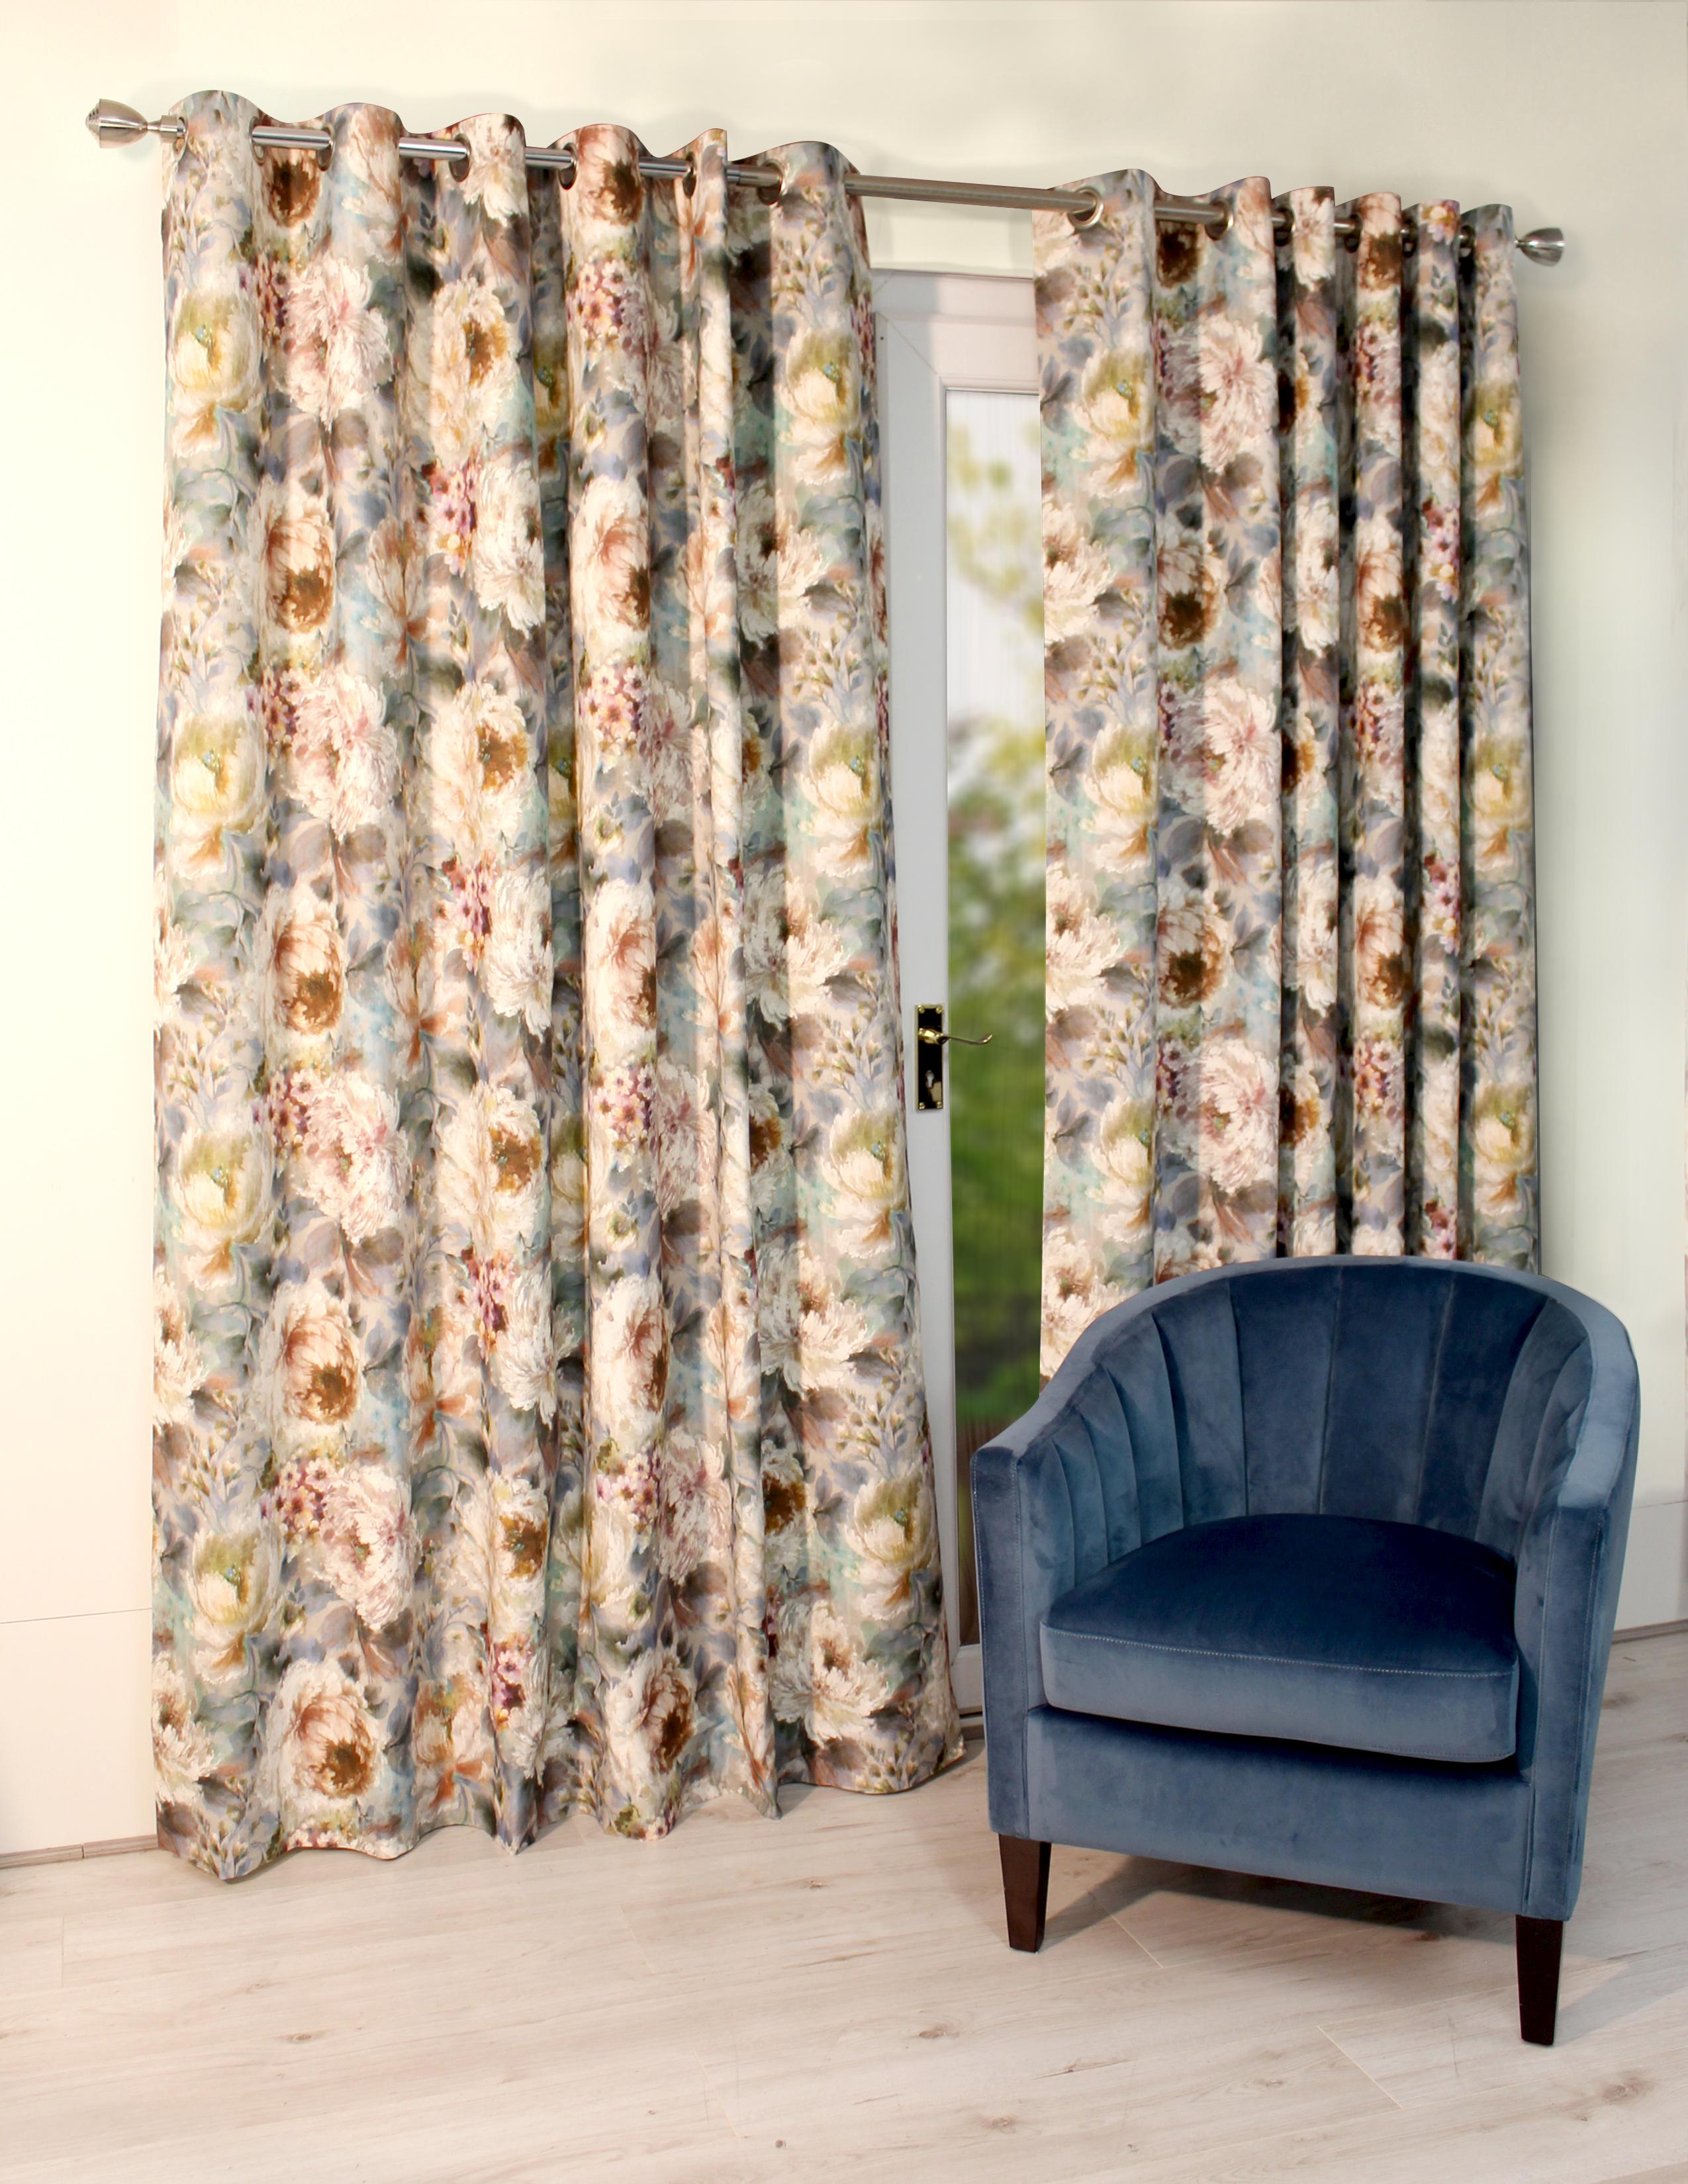 Primavera Teal Eyelet Curtains